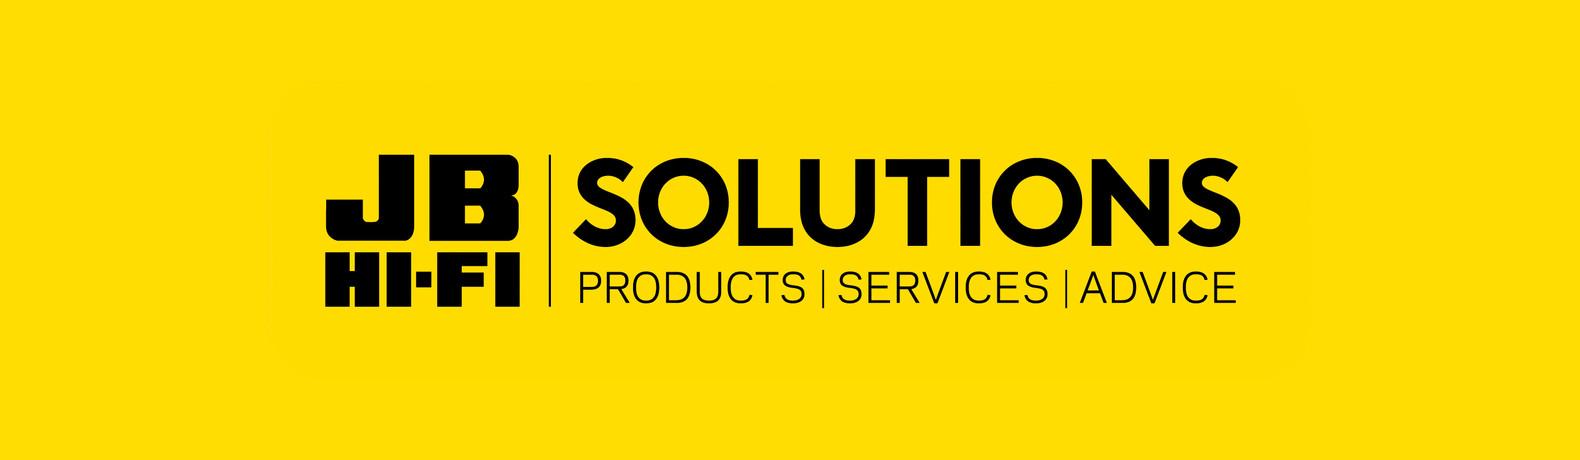 JB HiFi Solutions